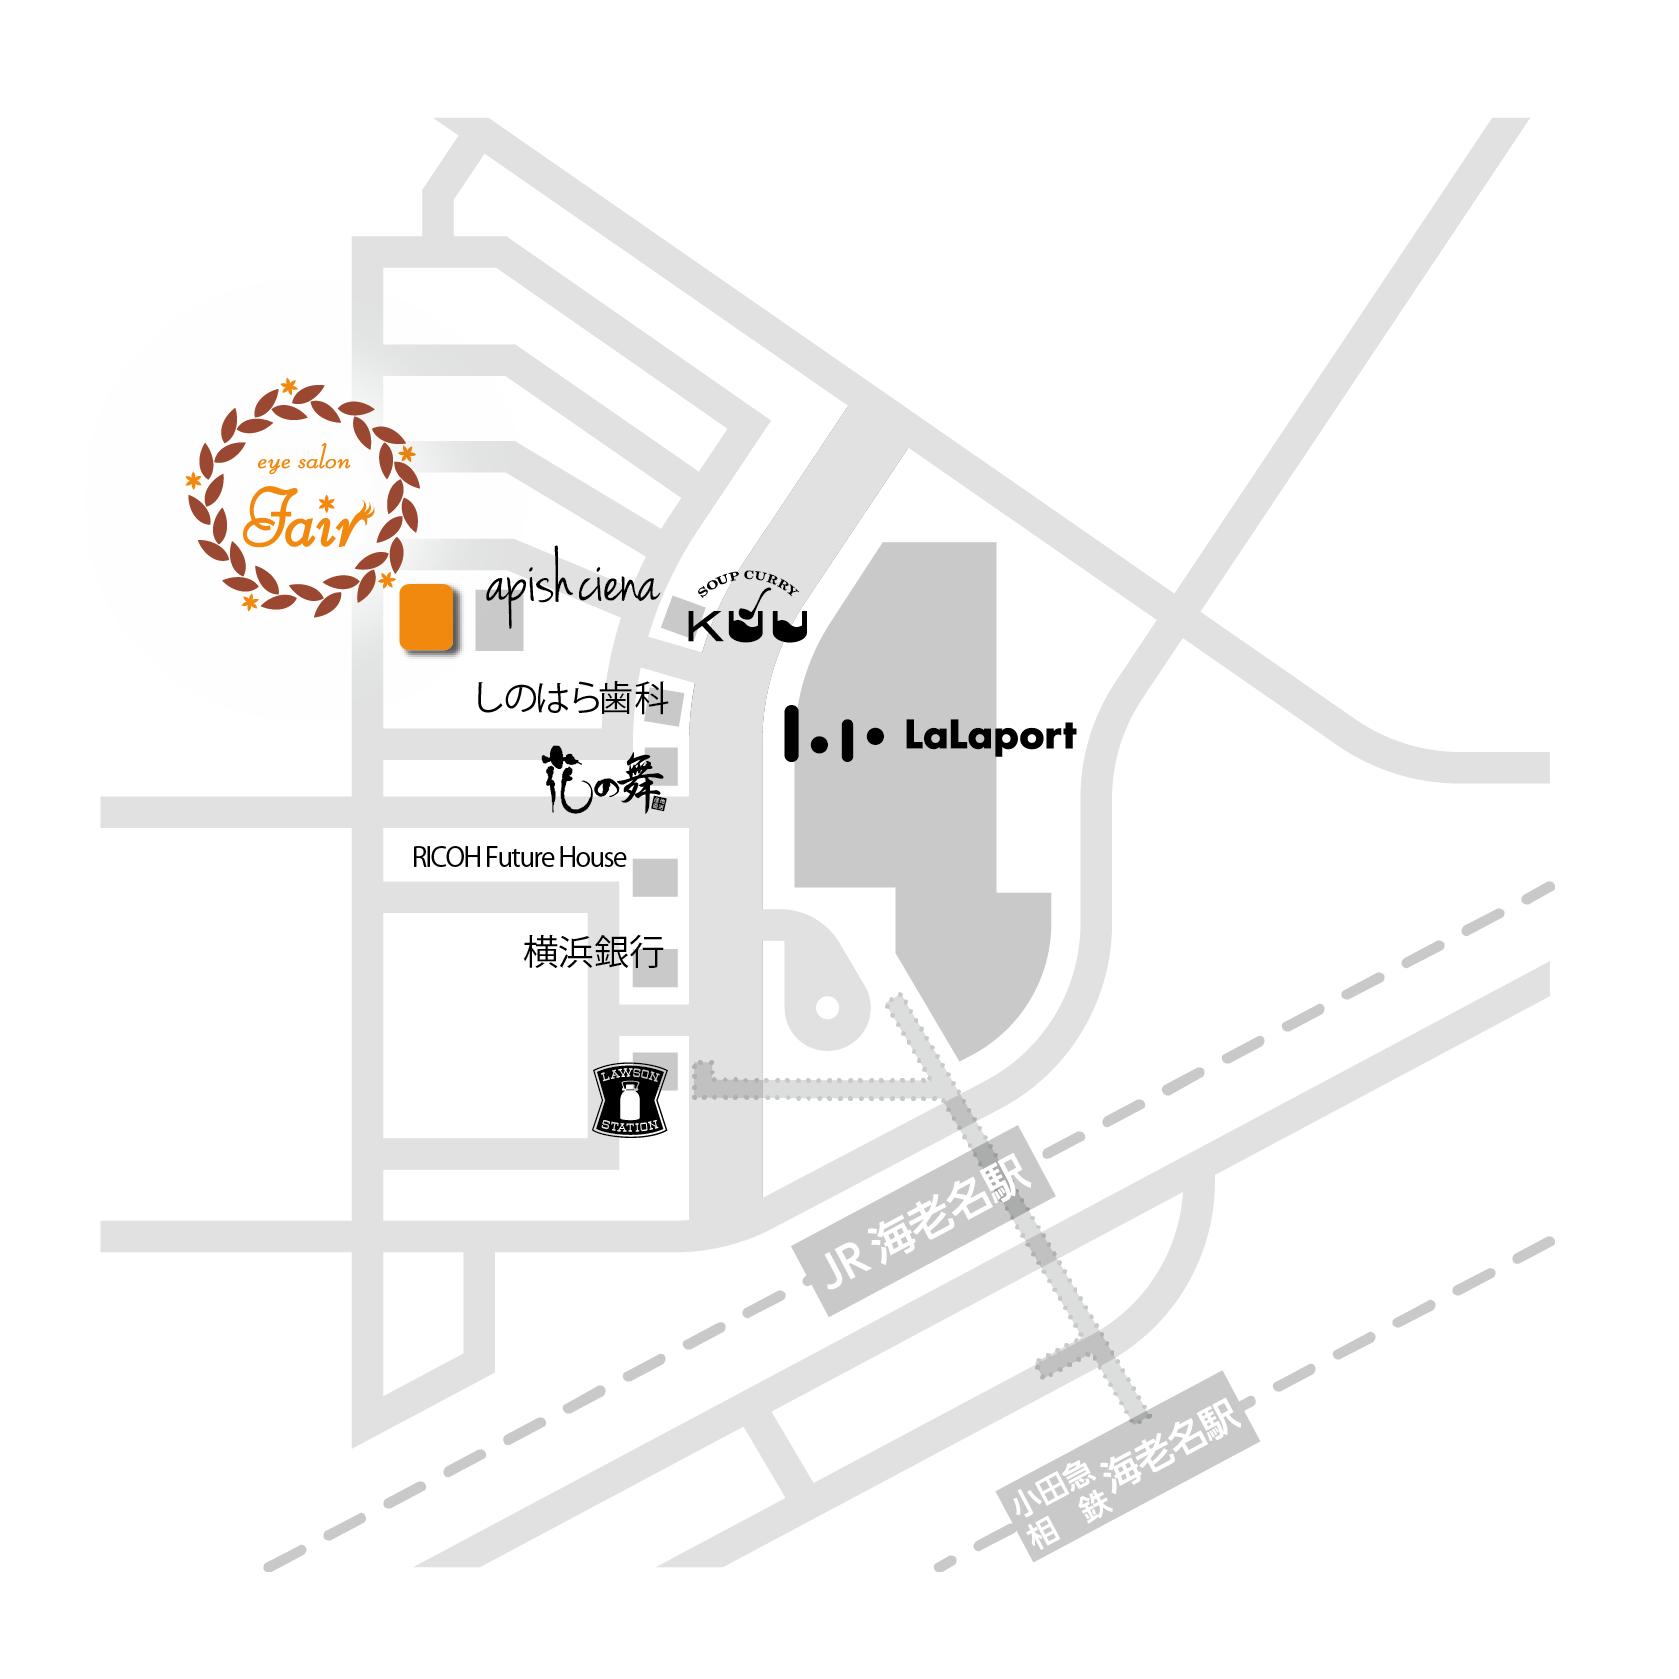 アイサロン・フェア 海老名店へのアクセスマップ